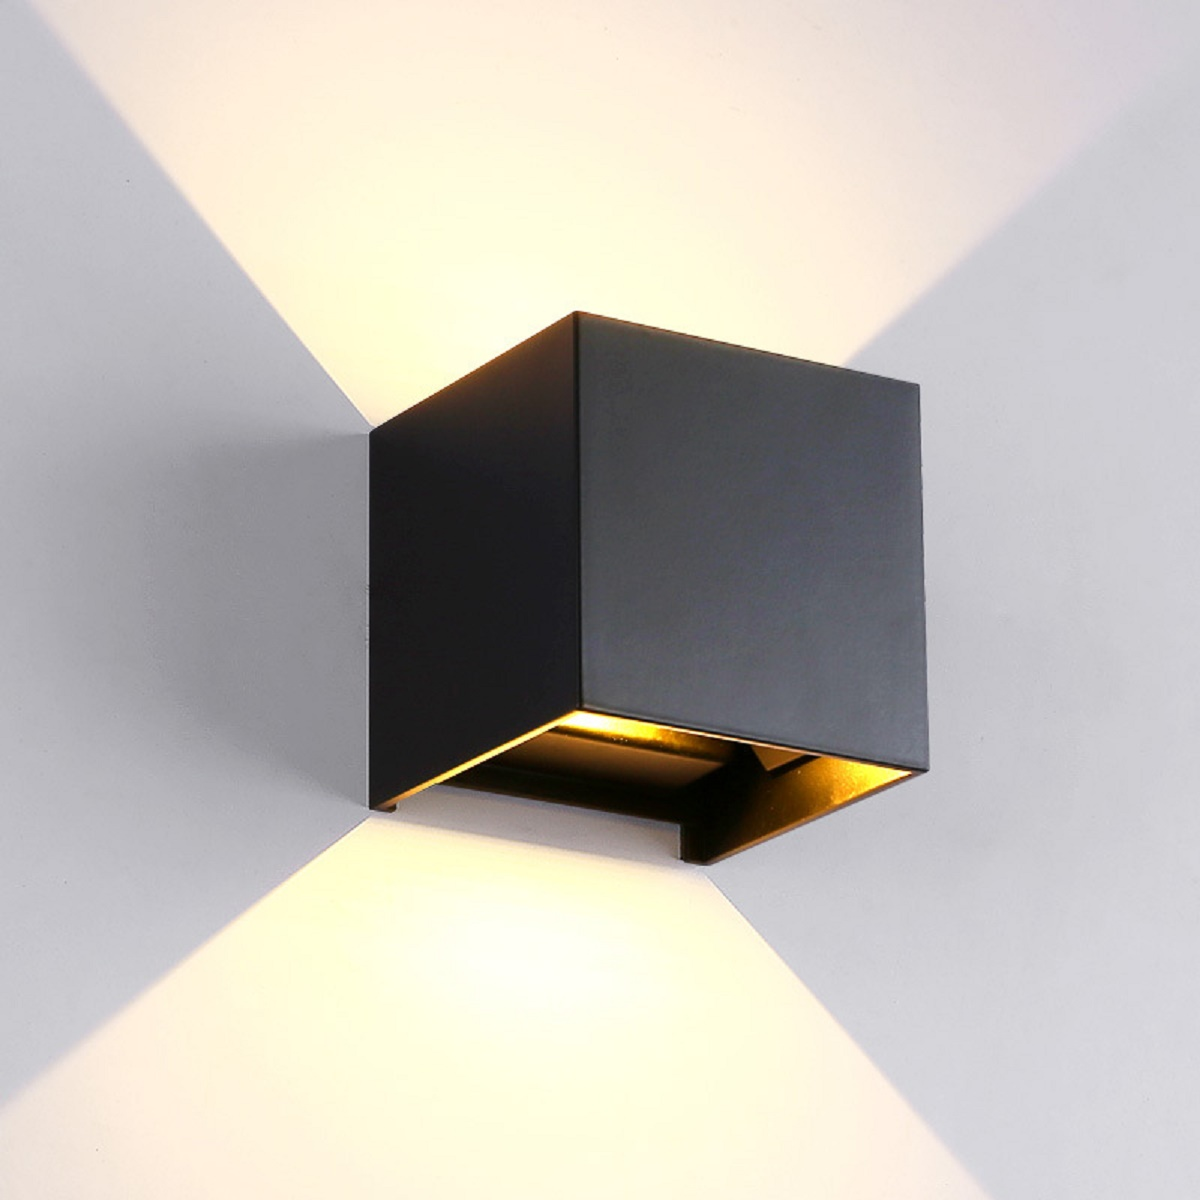 Cono Luce Faretti Led applique lampade led da esterno a parete - - lampada led da